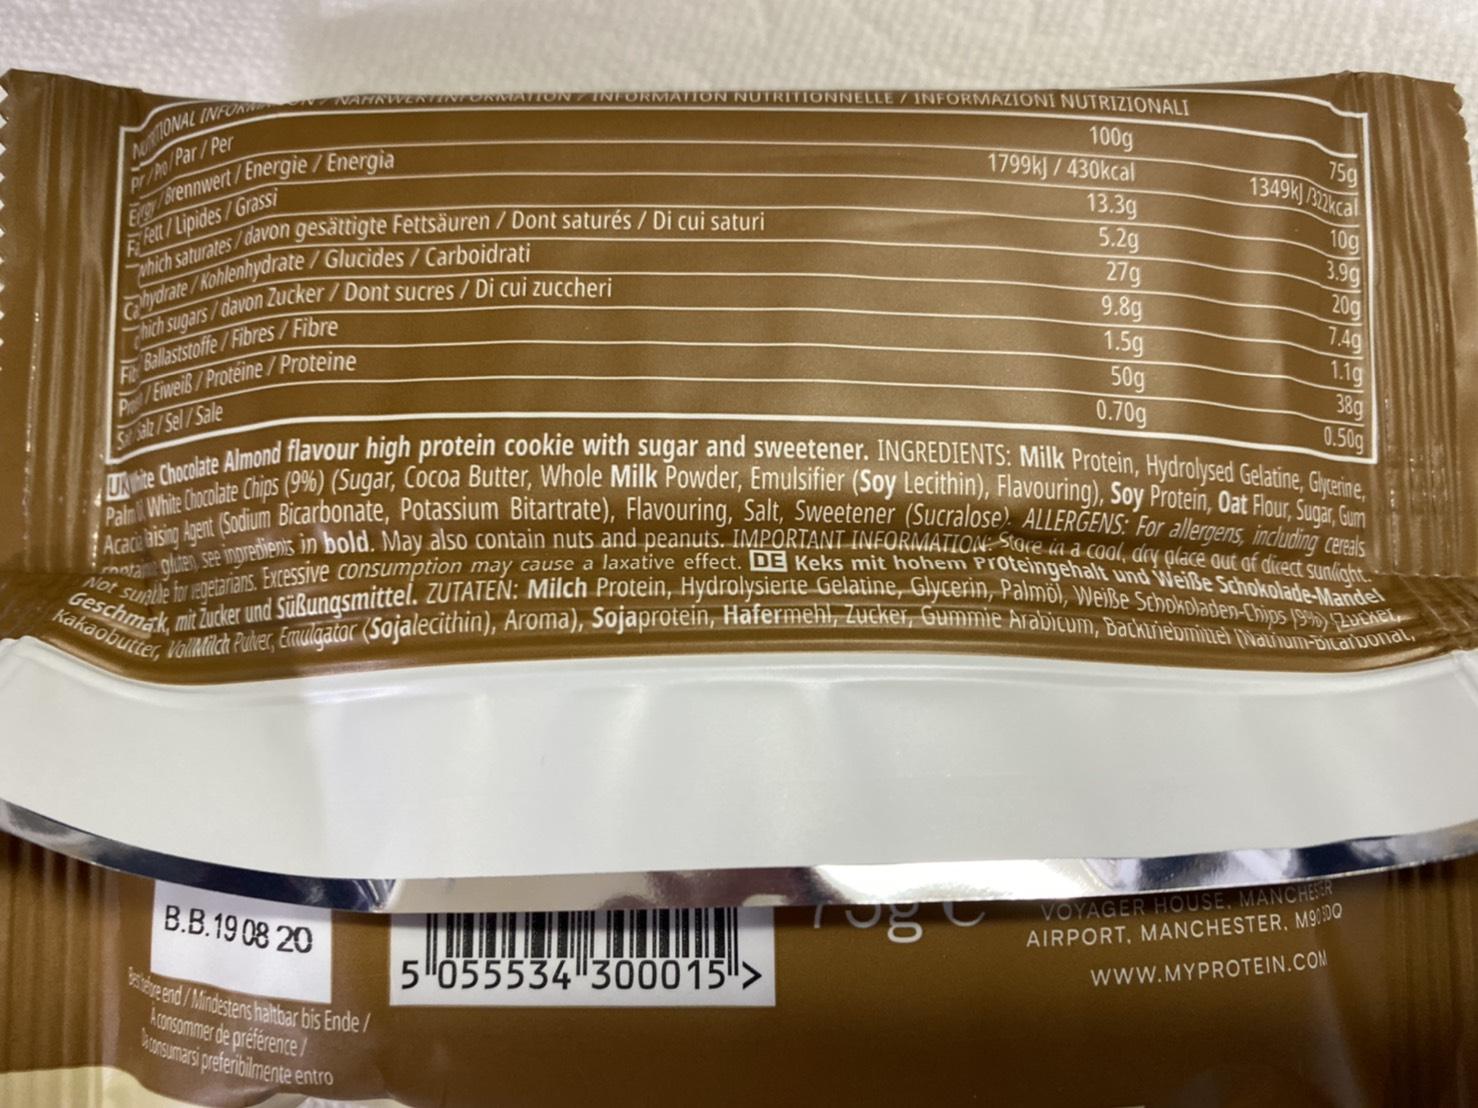 ホワイトチョコレート&アーモンド味の成分表